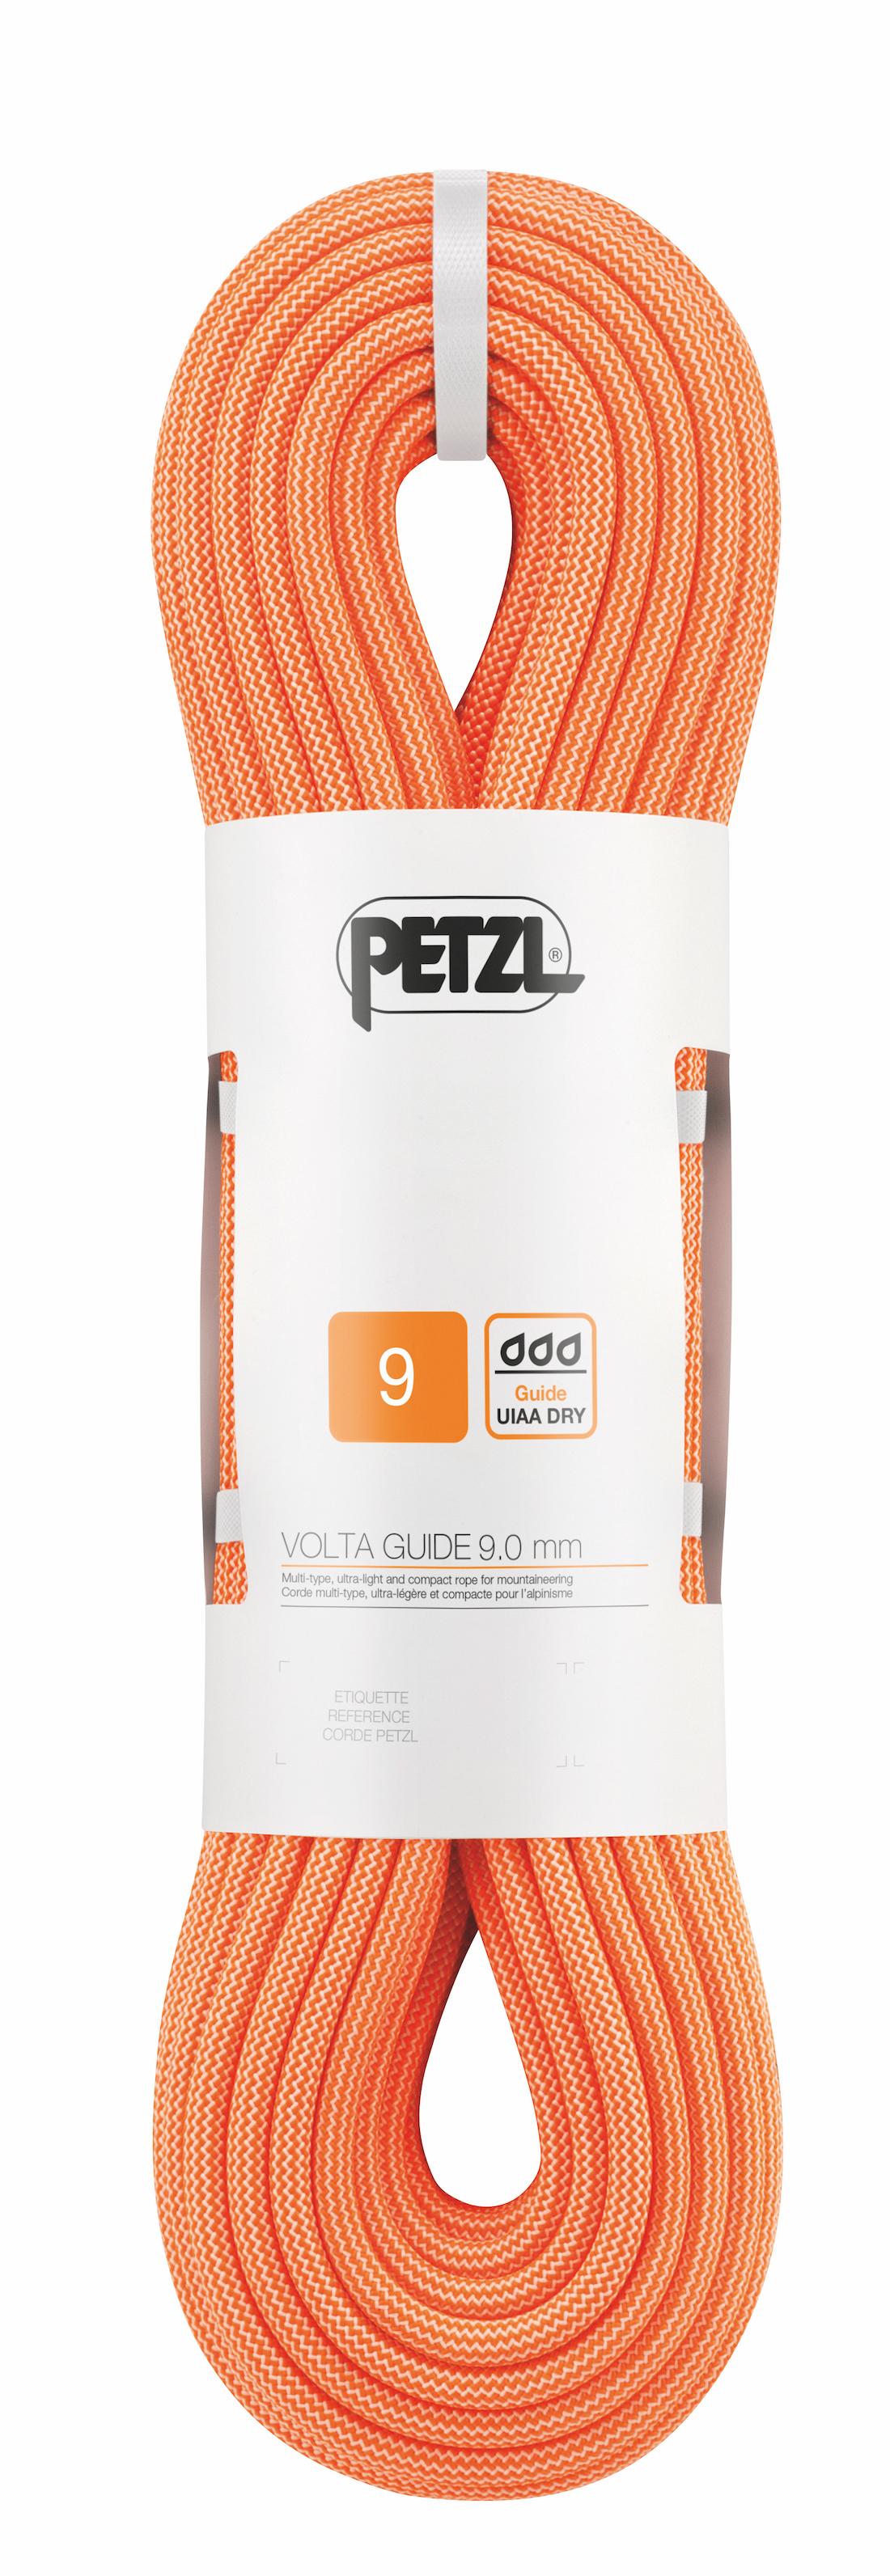 Petzl Volta Guide 9 mm x 30 m - Kletterseil